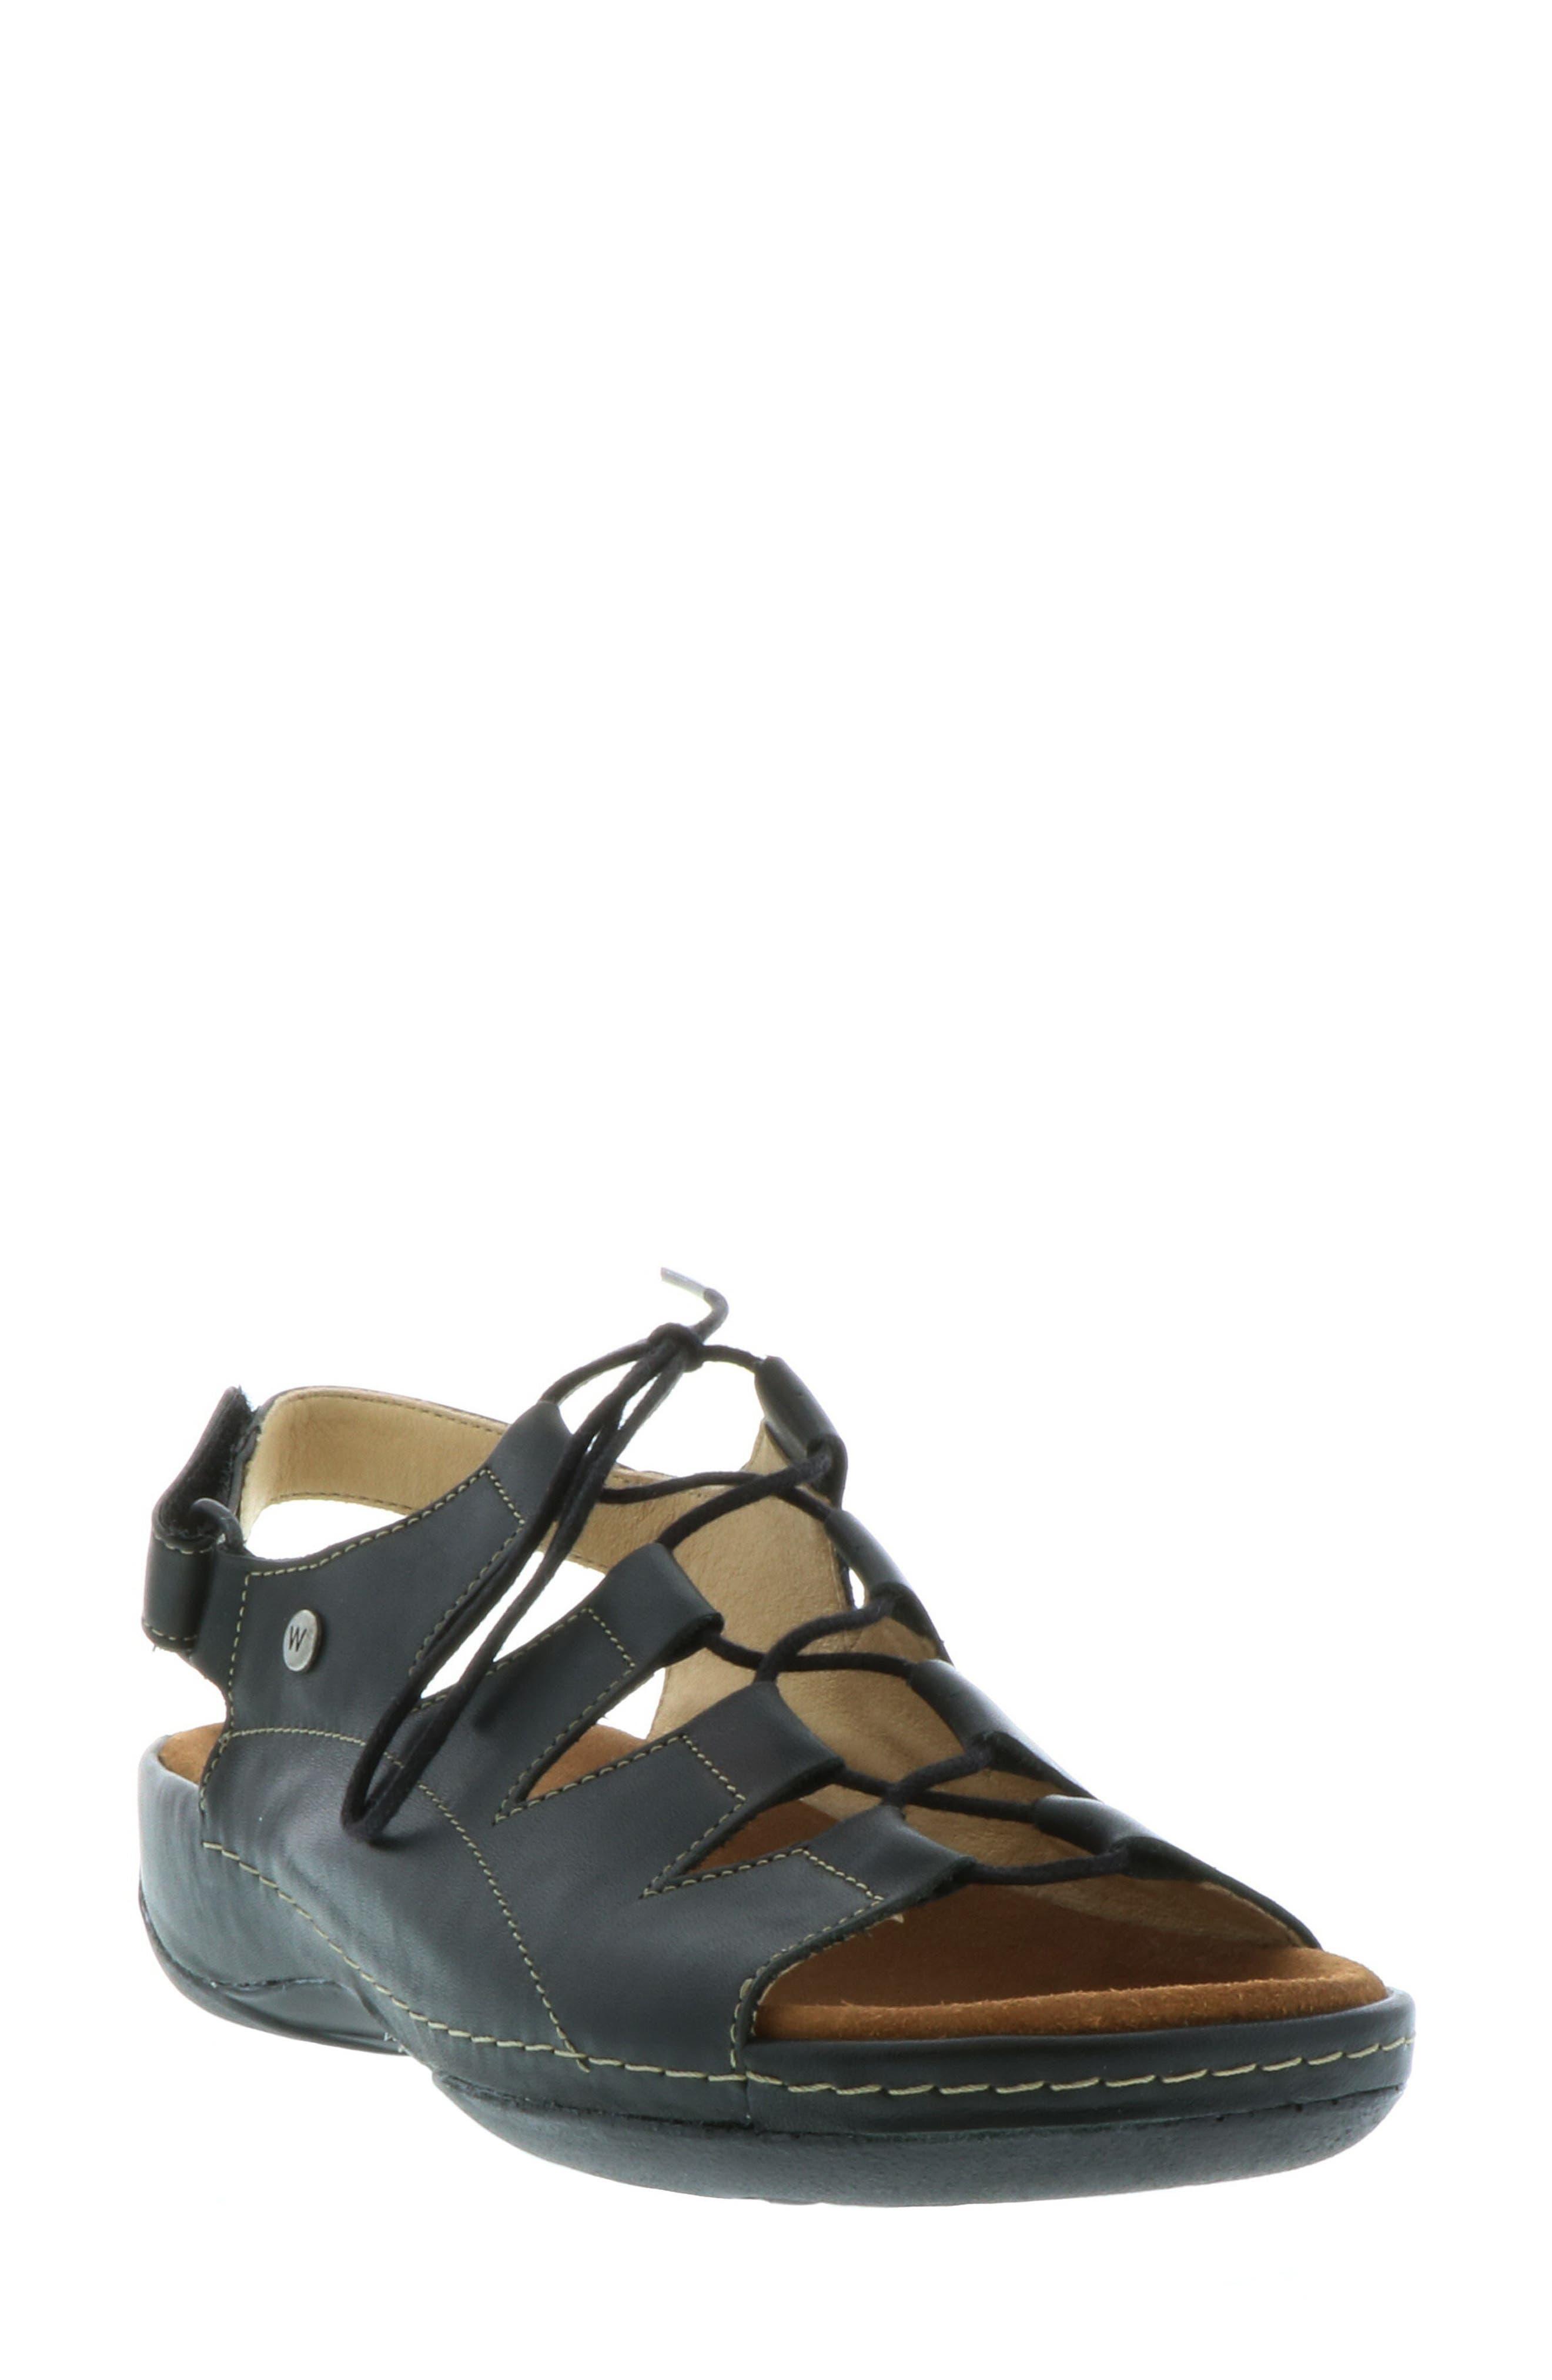 Kite Lace-Up Sandal,                             Main thumbnail 1, color,                             BLACK LEATHER